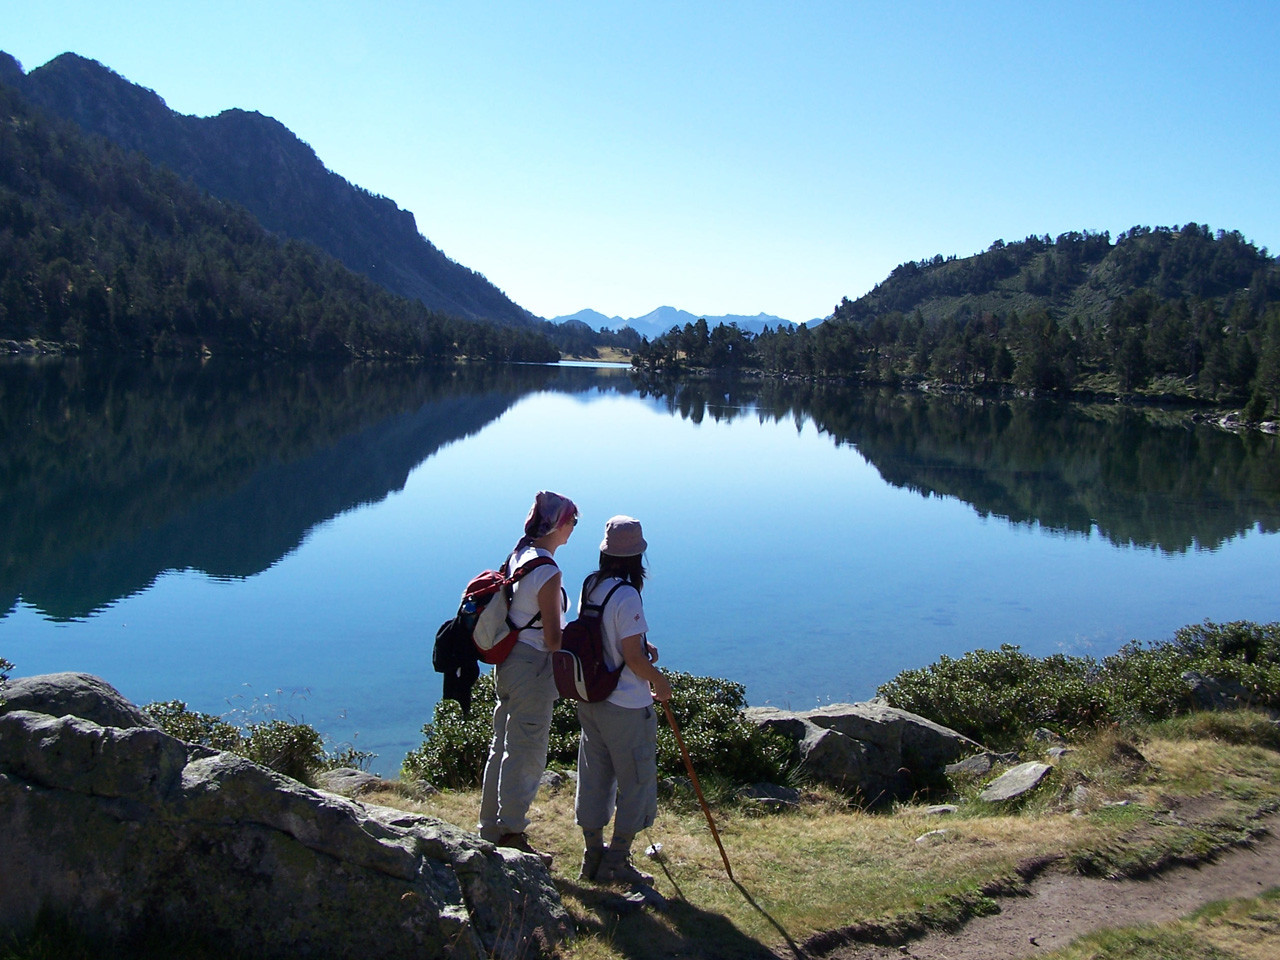 lac d'Aumar dans la réserve naturelle du Néouvielle